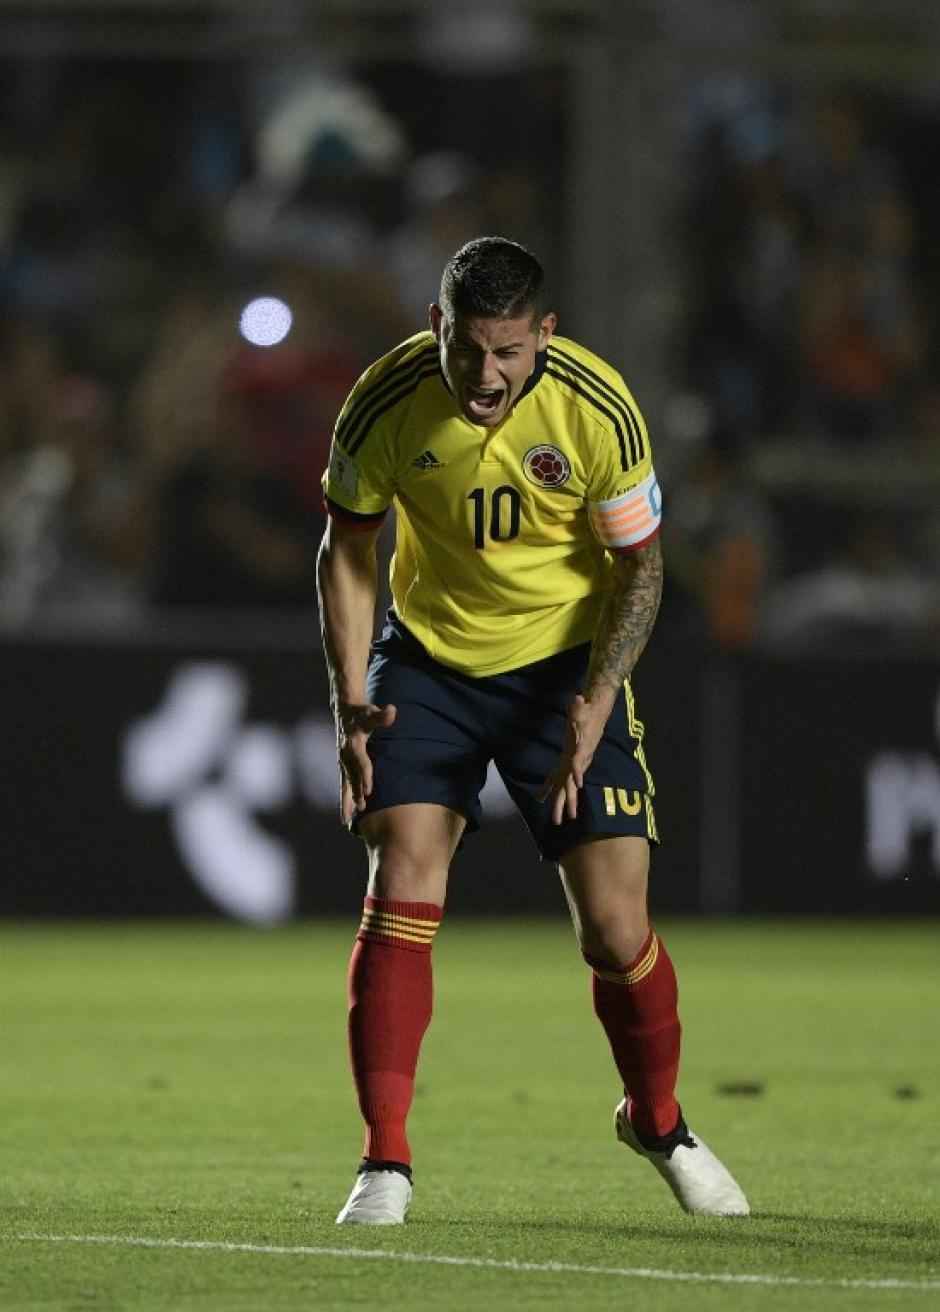 Su selección cayó 3-0 y James discutió con todos. (Foto: AFP)